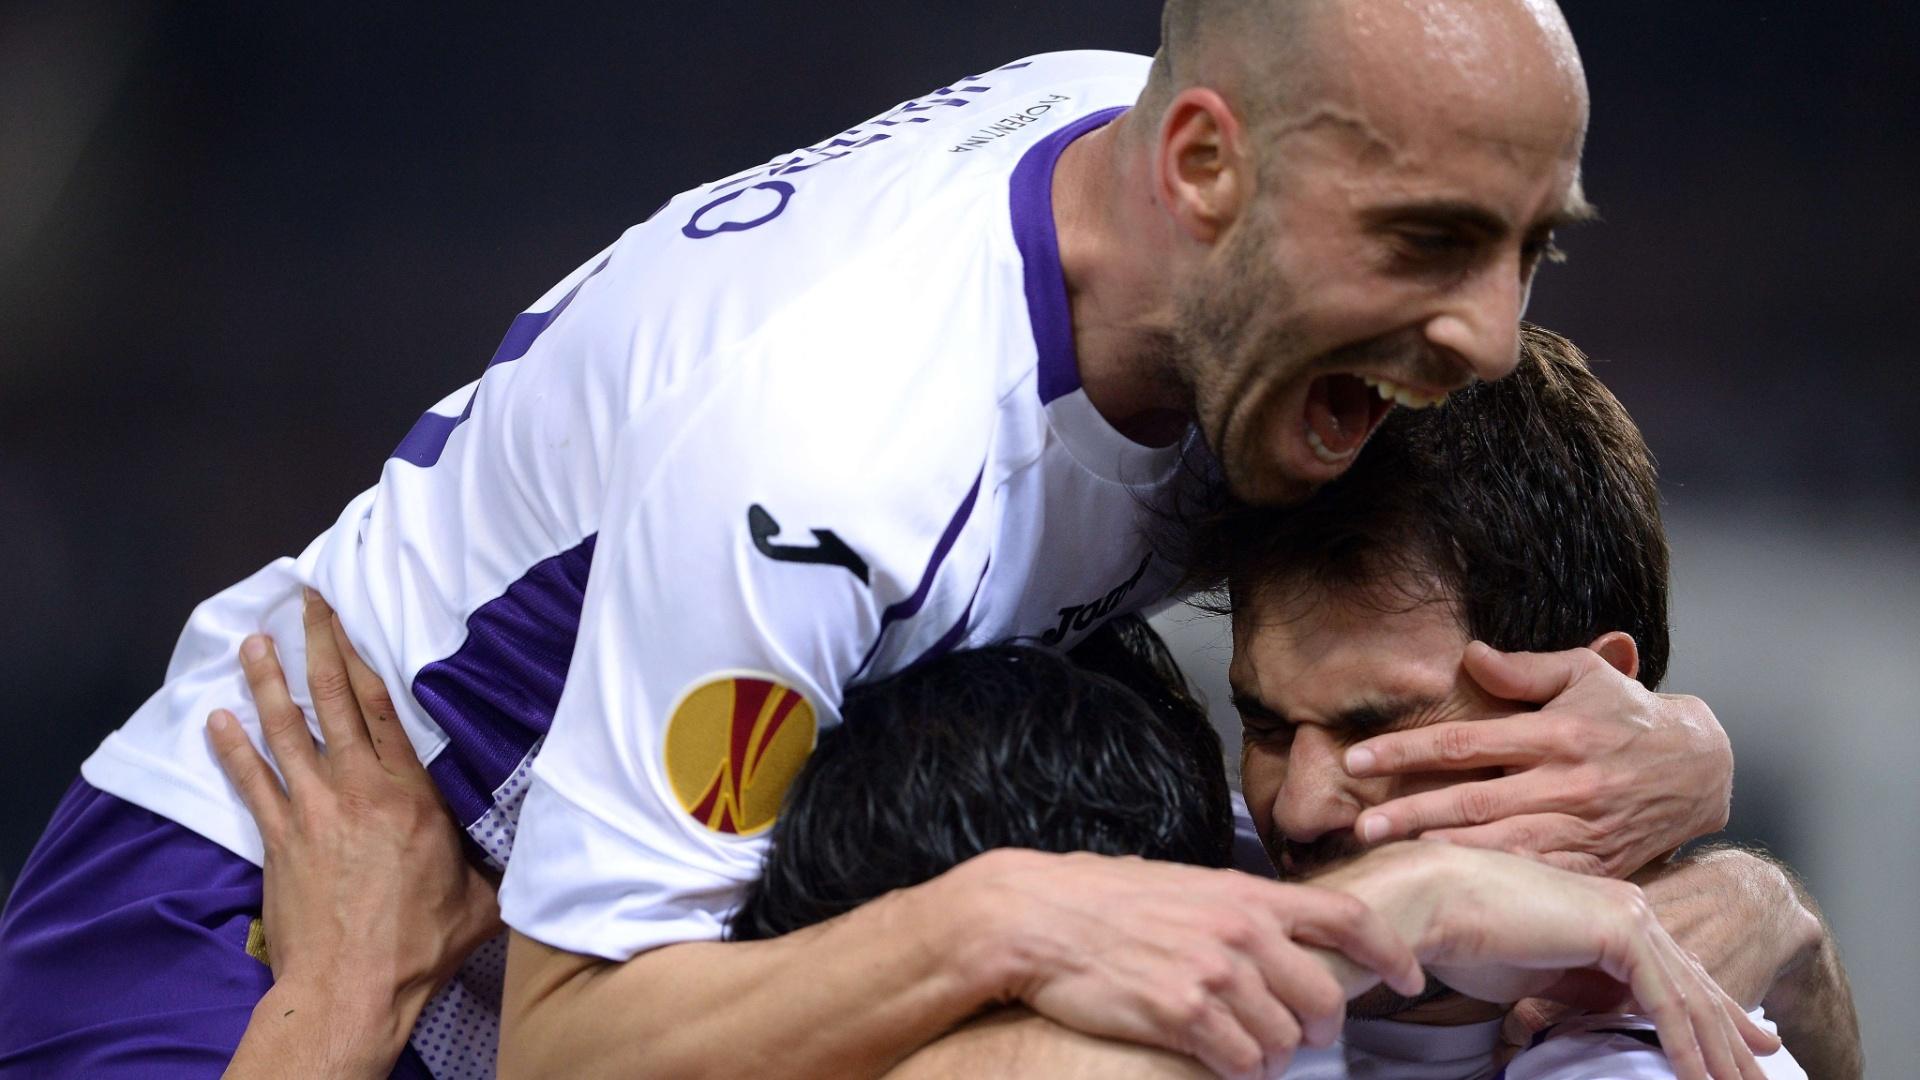 Borja Valero se empolgou na comemoração do terceiro gol e acabou machucando o companheiro Basanta